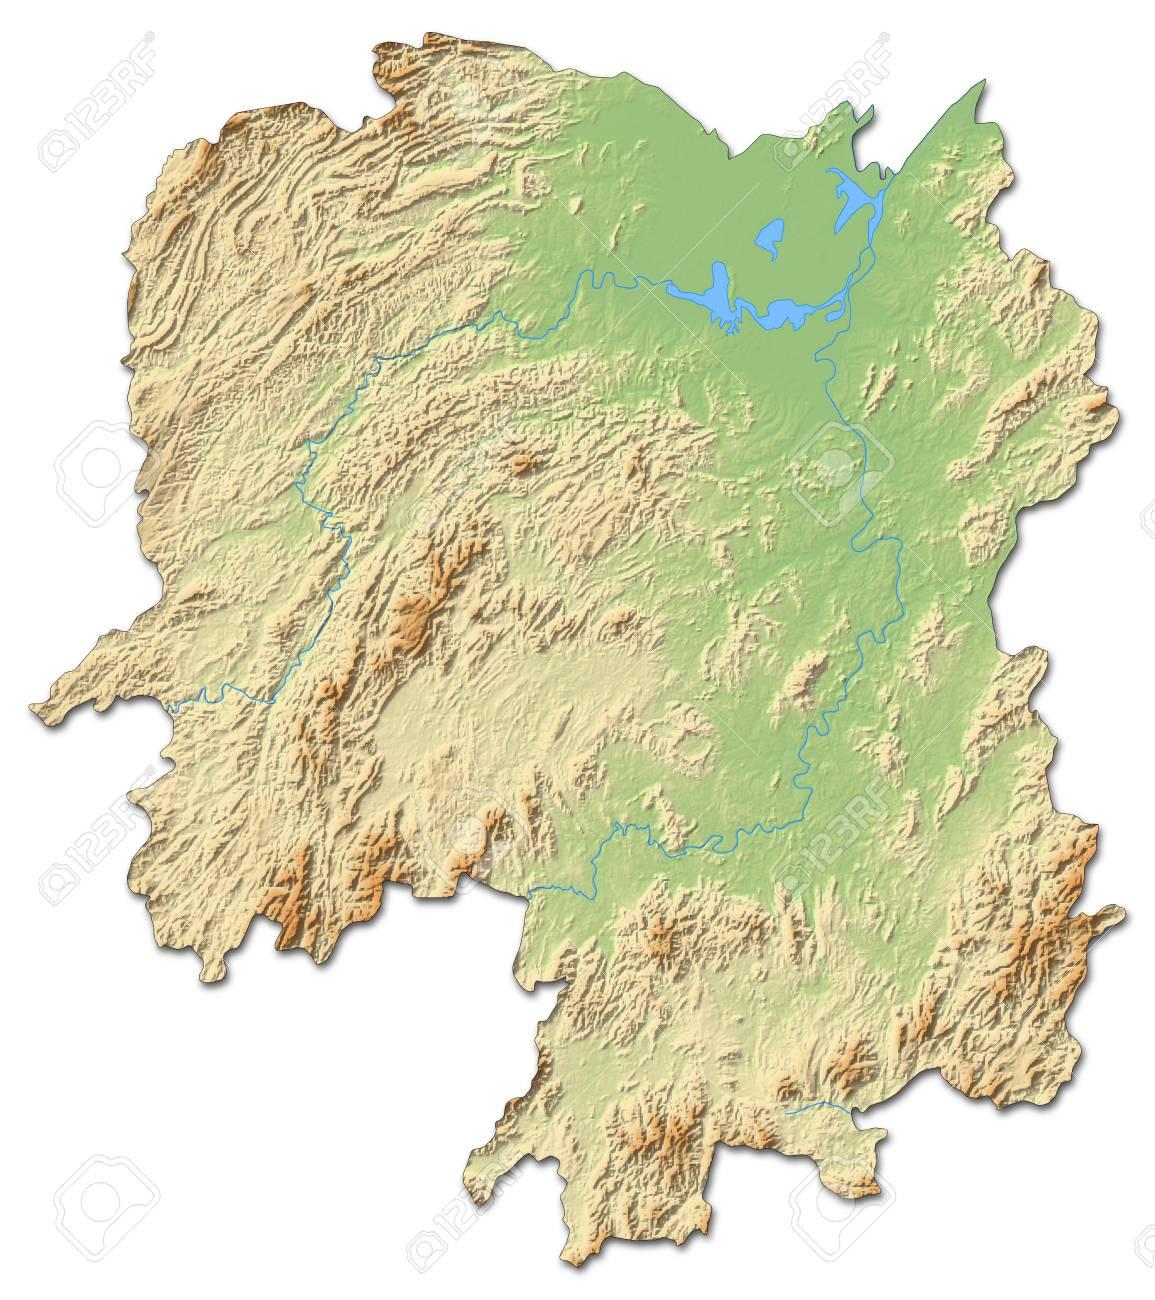 Carte Chine Hunan.Carte Du Relief De Hunan Une Province De La Chine Avec Relief